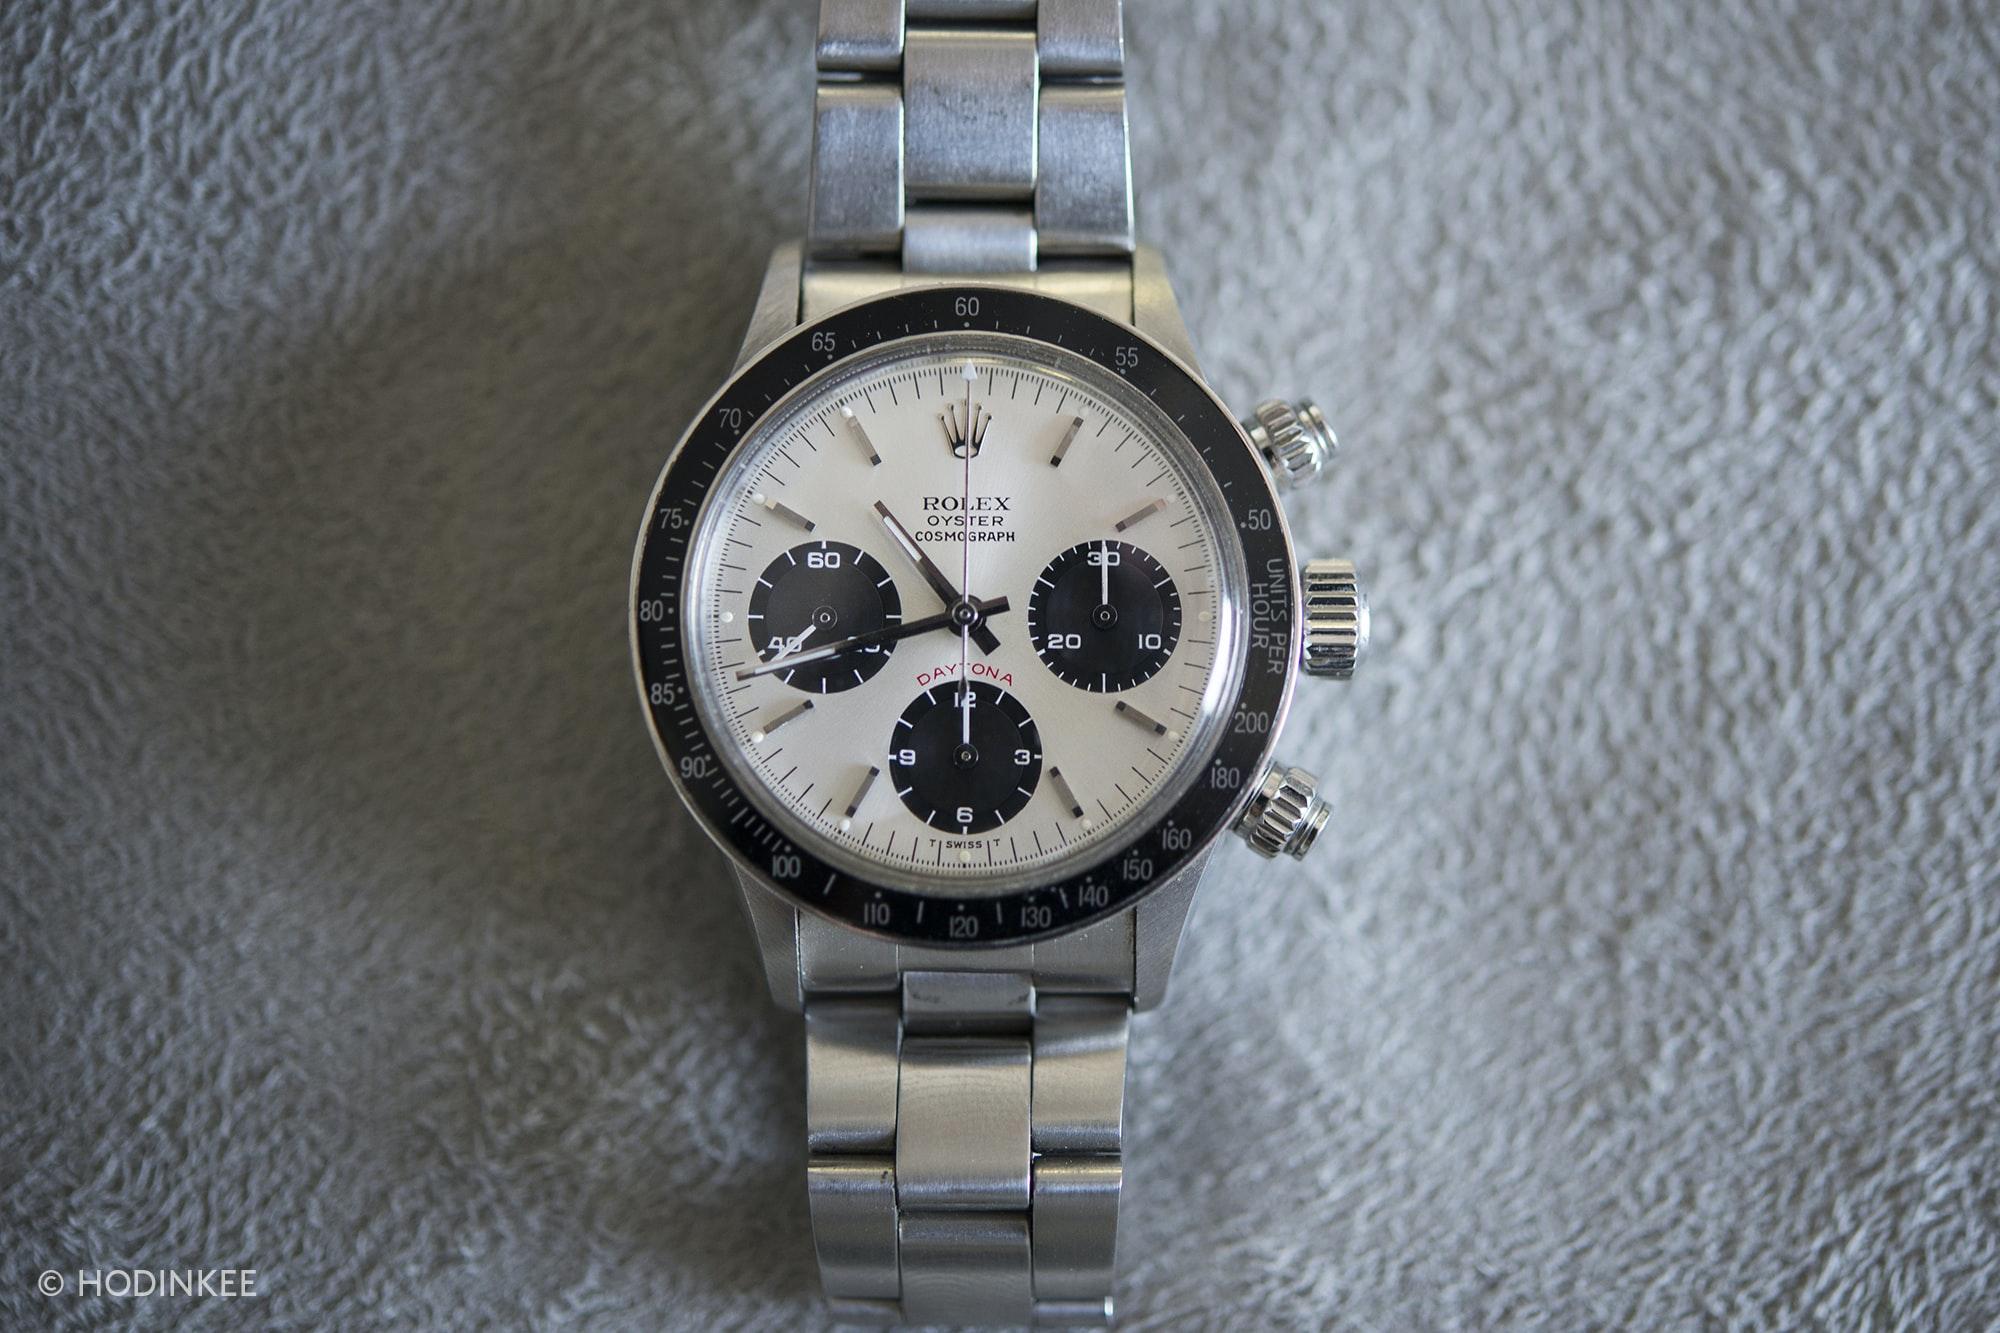 Spike Feresten Rolex Daytona 6263 Talking Watches: With Spike Feresten Talking Watches: With Spike Feresten DSC 3412 copy